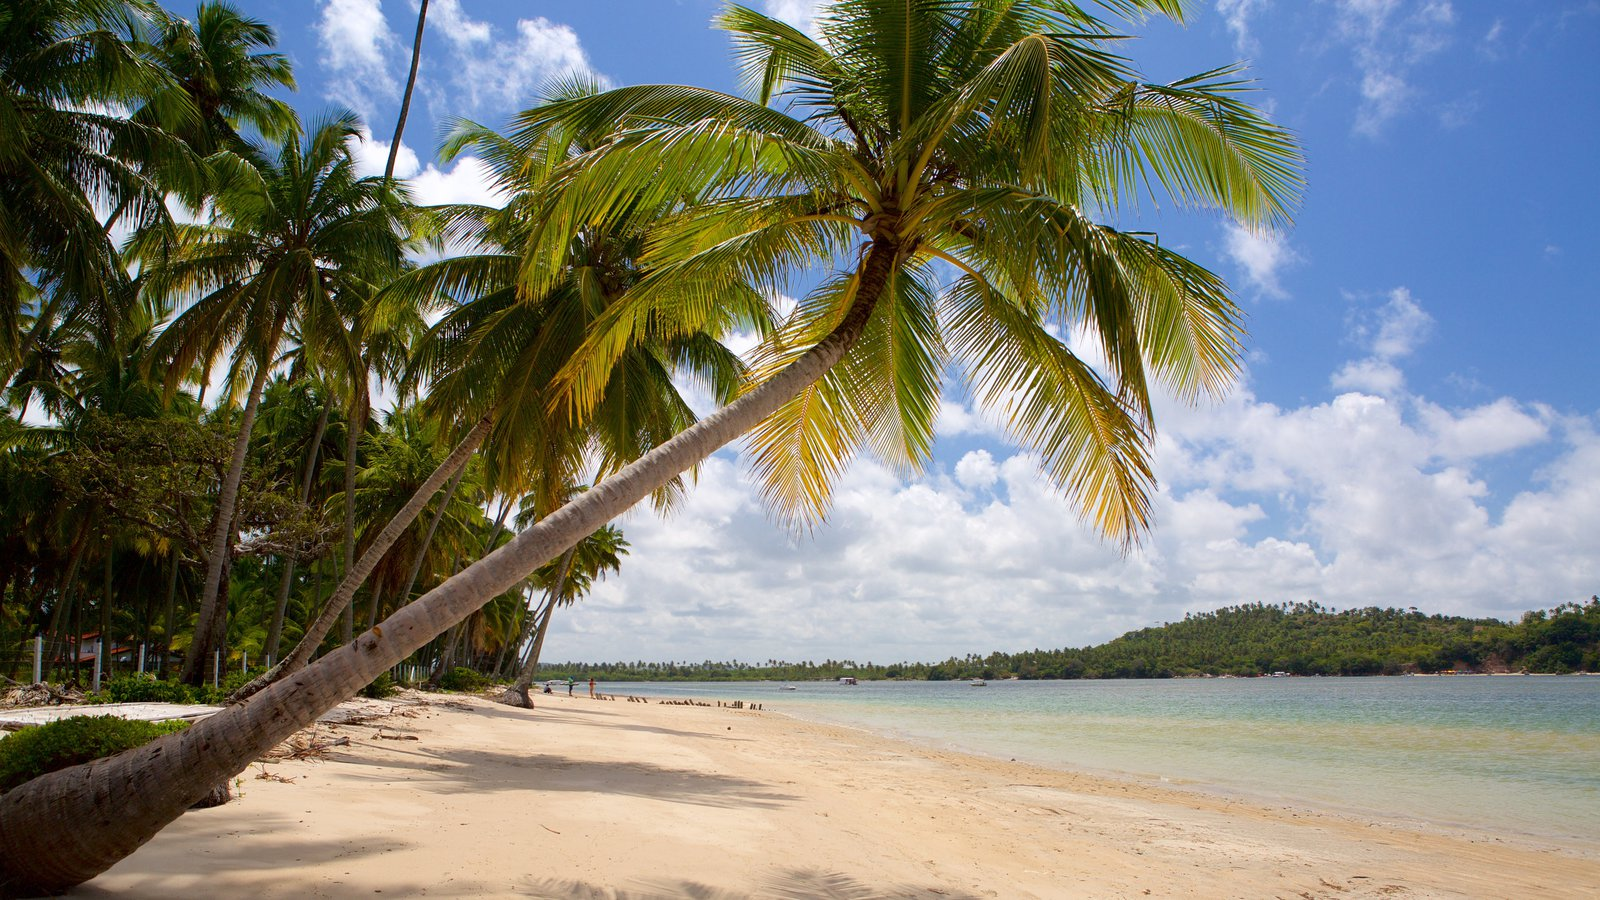 Tamandaré caracterizando cenas tropicais, uma praia de areia e paisagens litorâneas